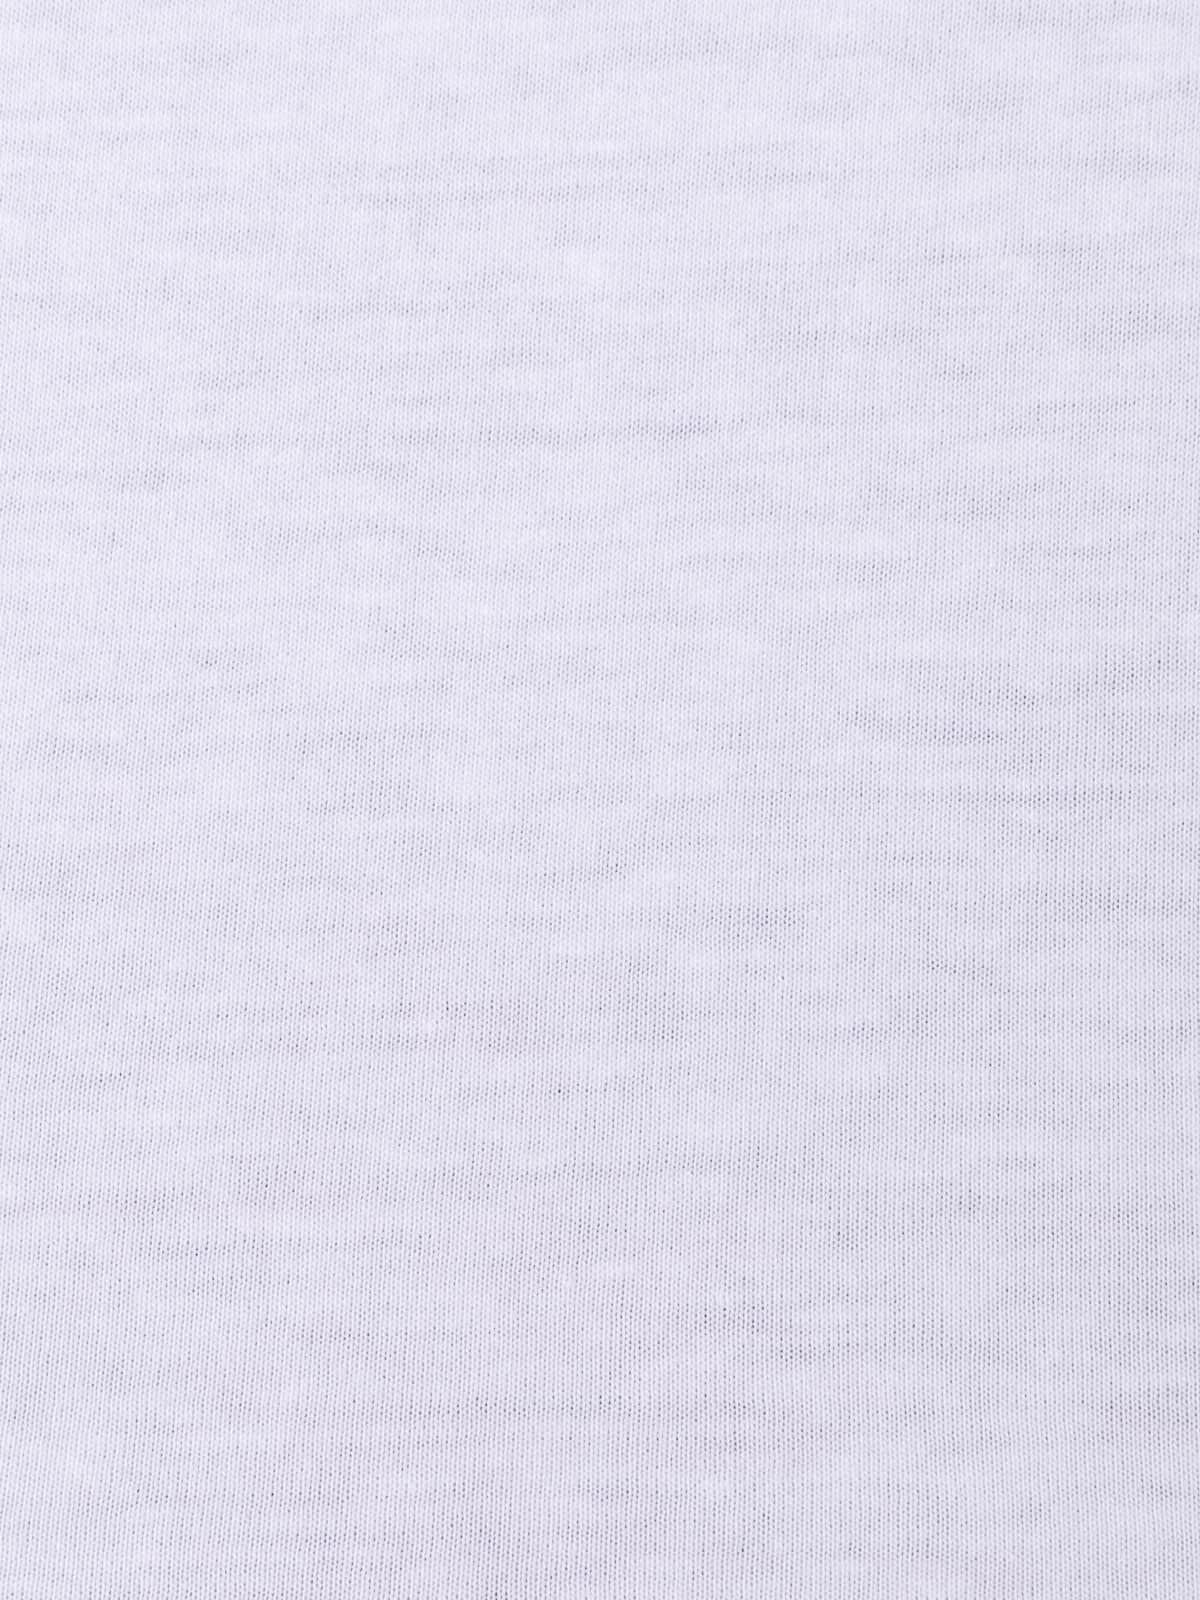 Camiseta mujer oversize 100% algodón Blanco